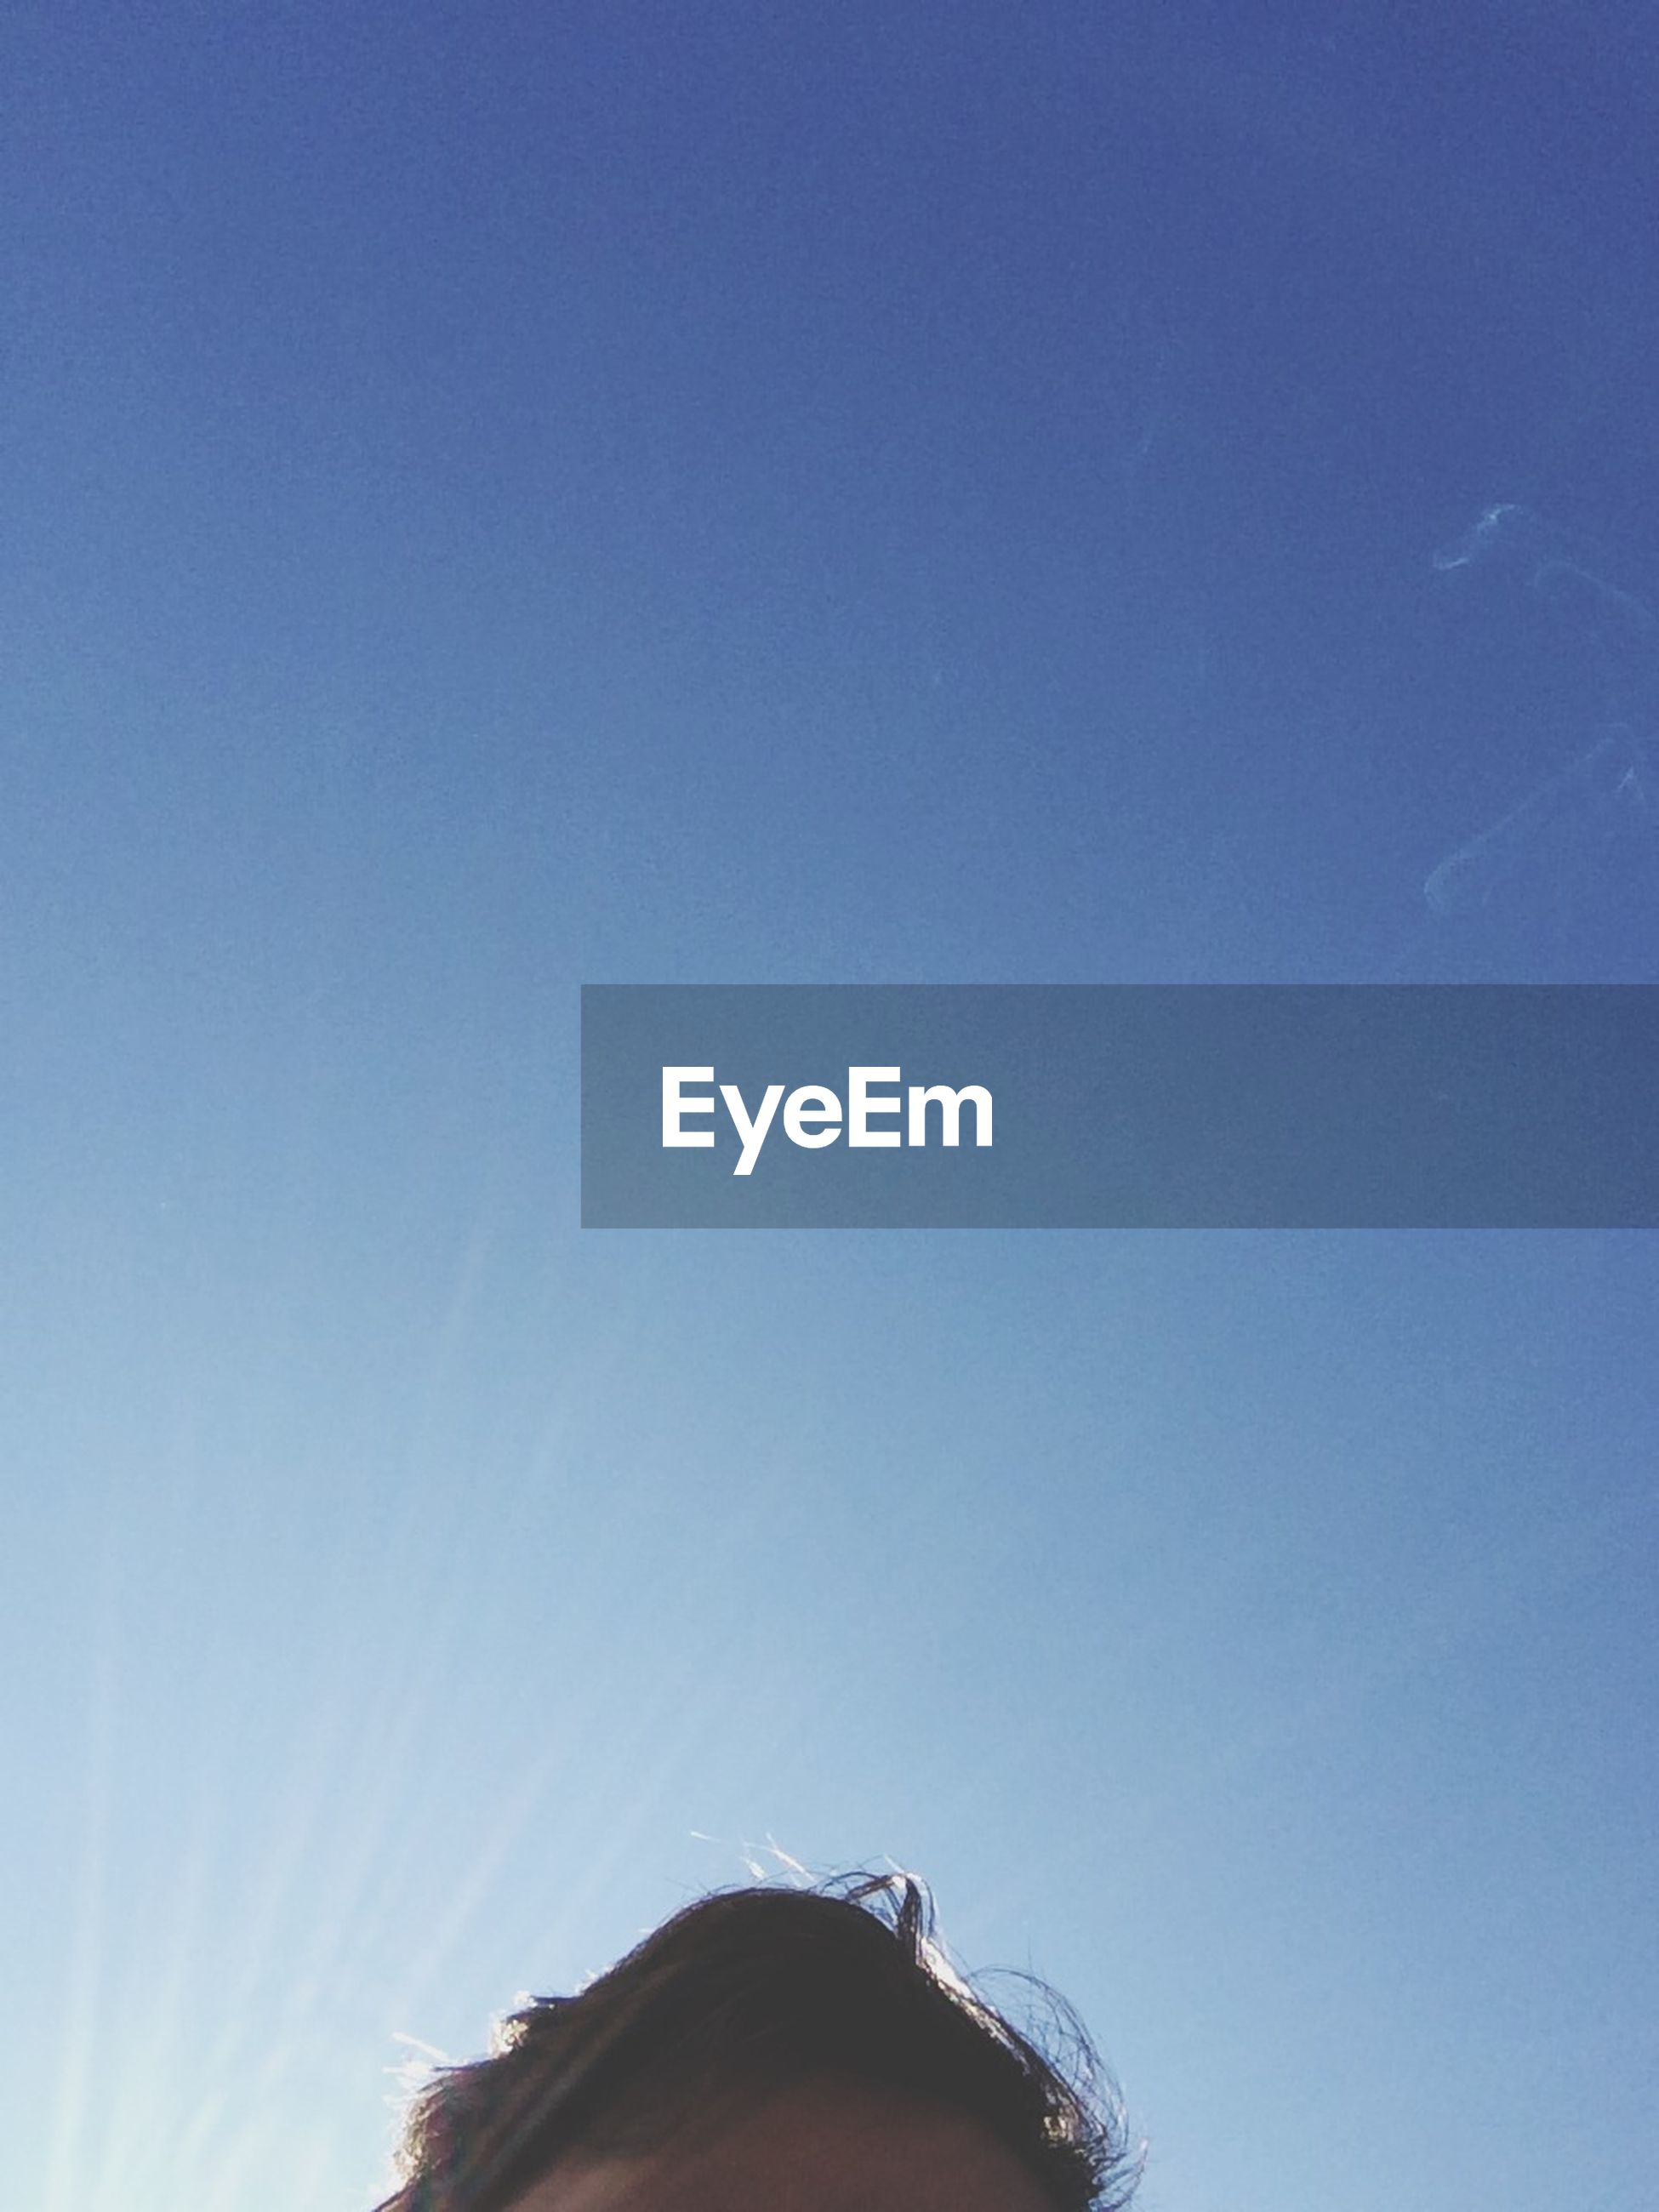 Man's head against blue sky